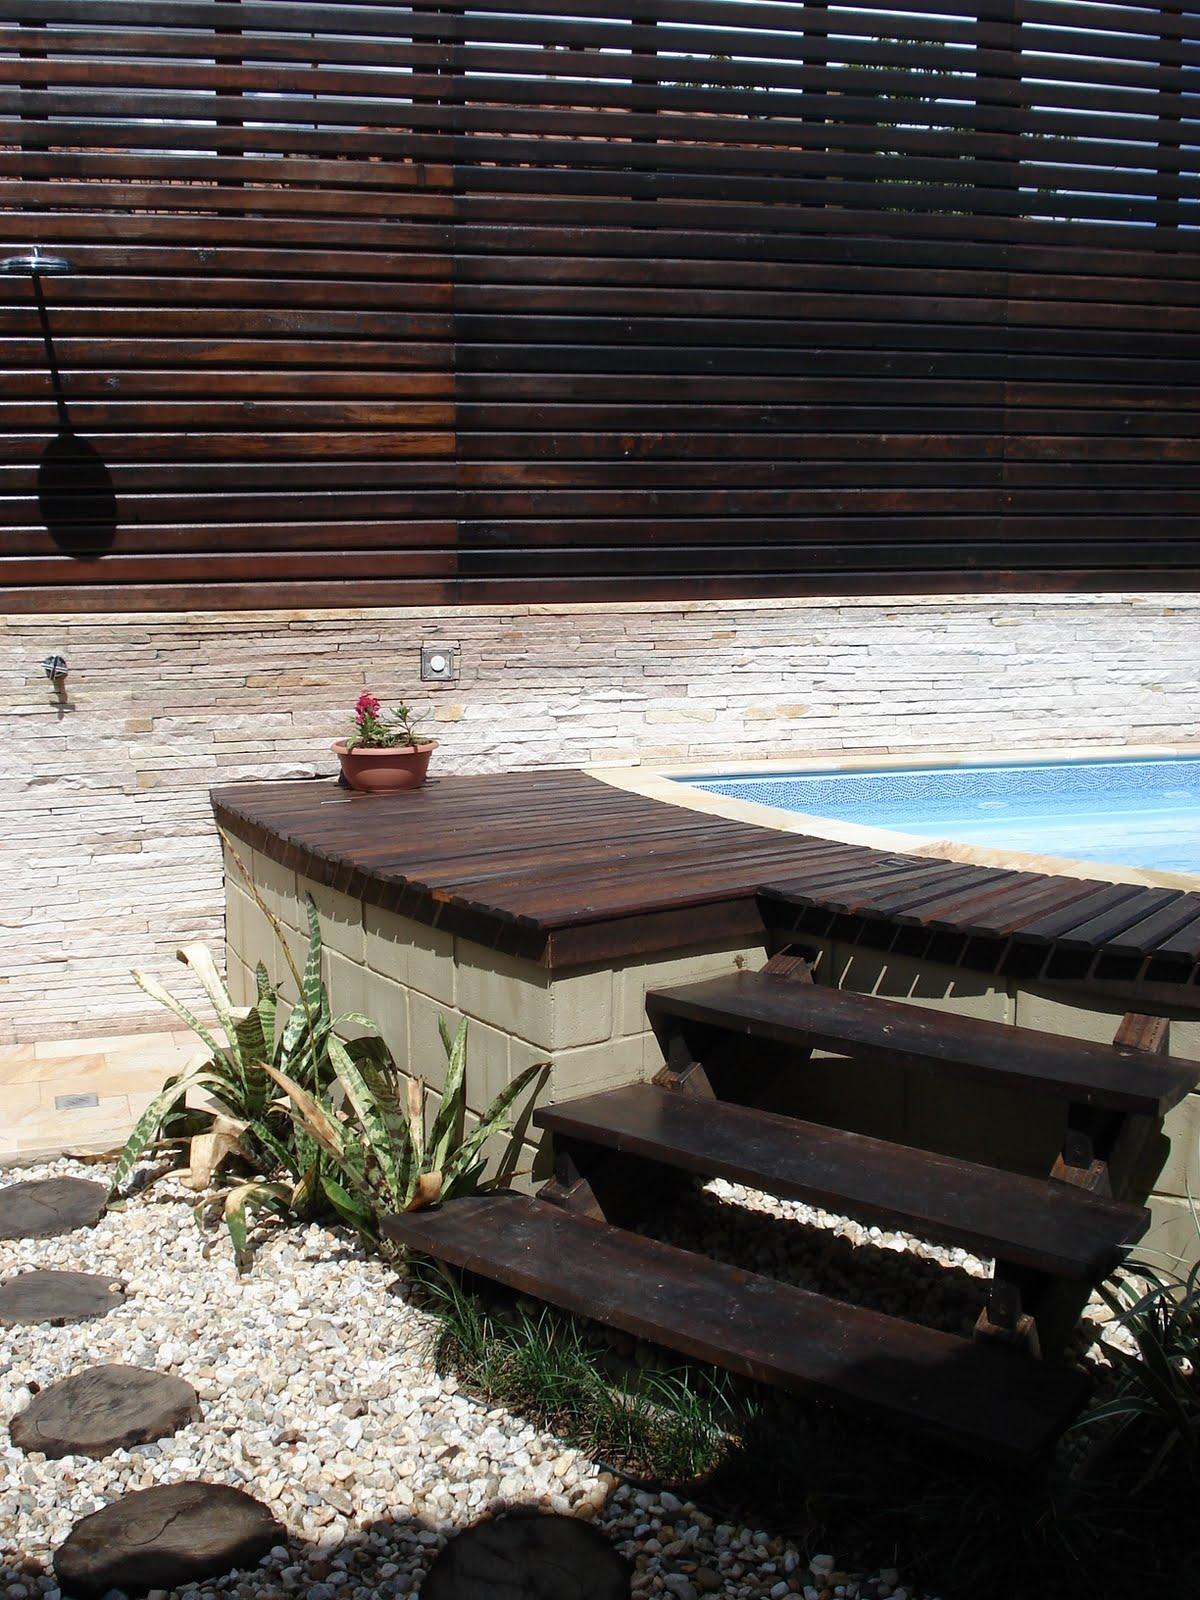 Casa de Maria Organic Design: Deck Espaço Externo #2774A4 1200x1600